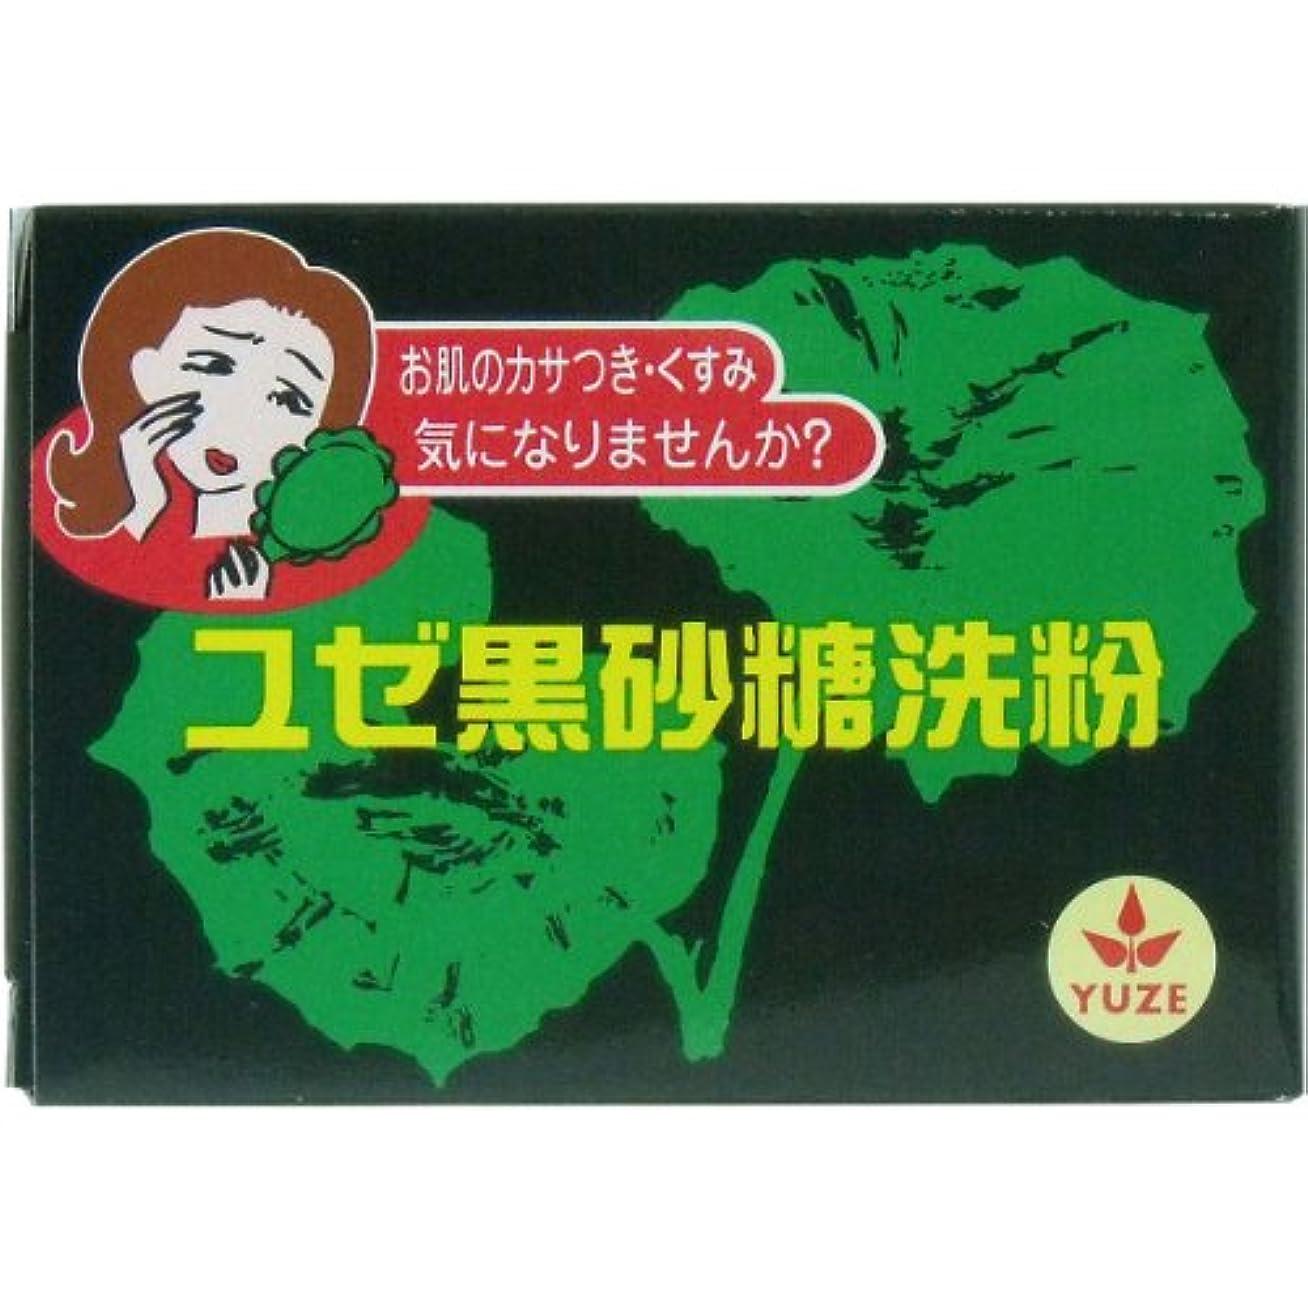 遅いふける患者【まとめ買い】ユゼ 黒砂糖洗粉 75g ×2セット